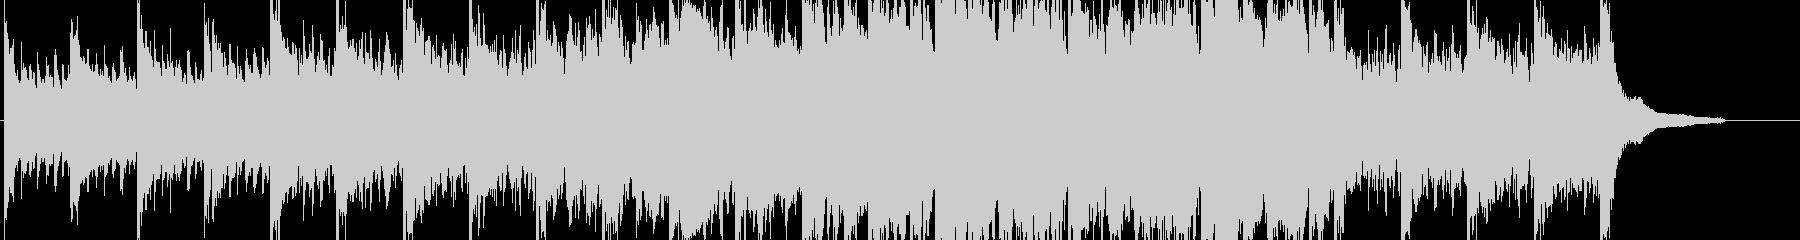 やさしいピアノとオーケストラ_01の未再生の波形